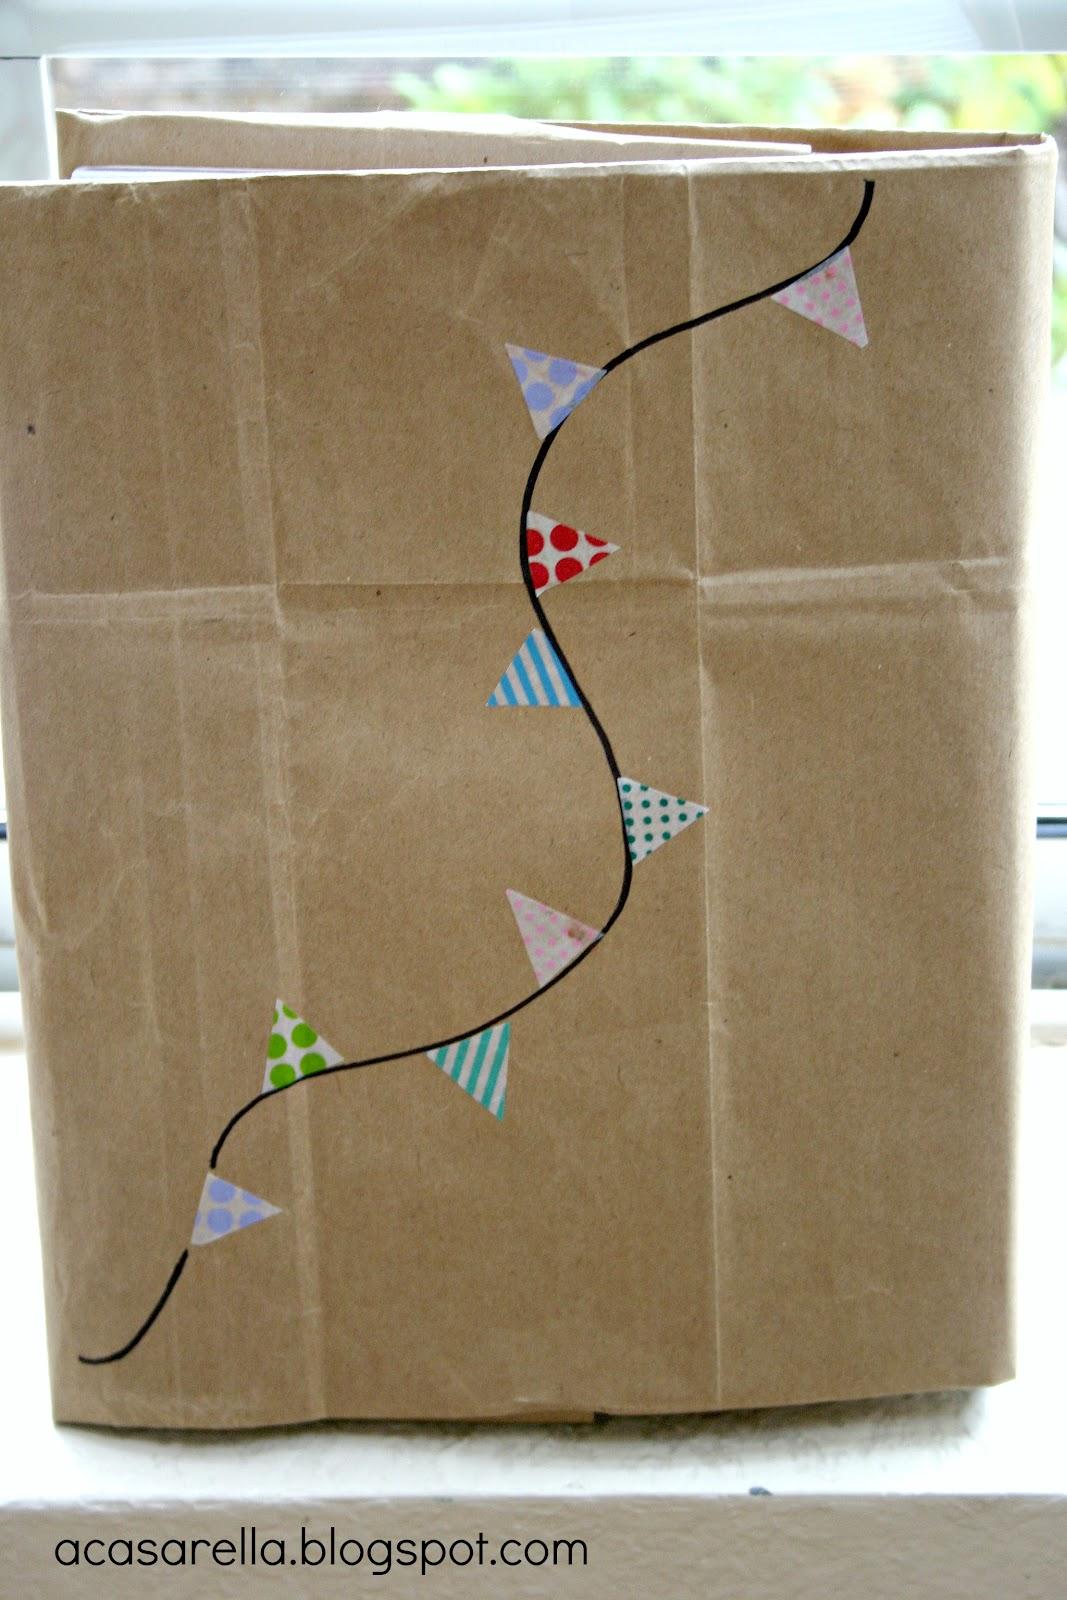 Paper Bag Book Cover Decoration : Decorating paper bag book covers a casarella